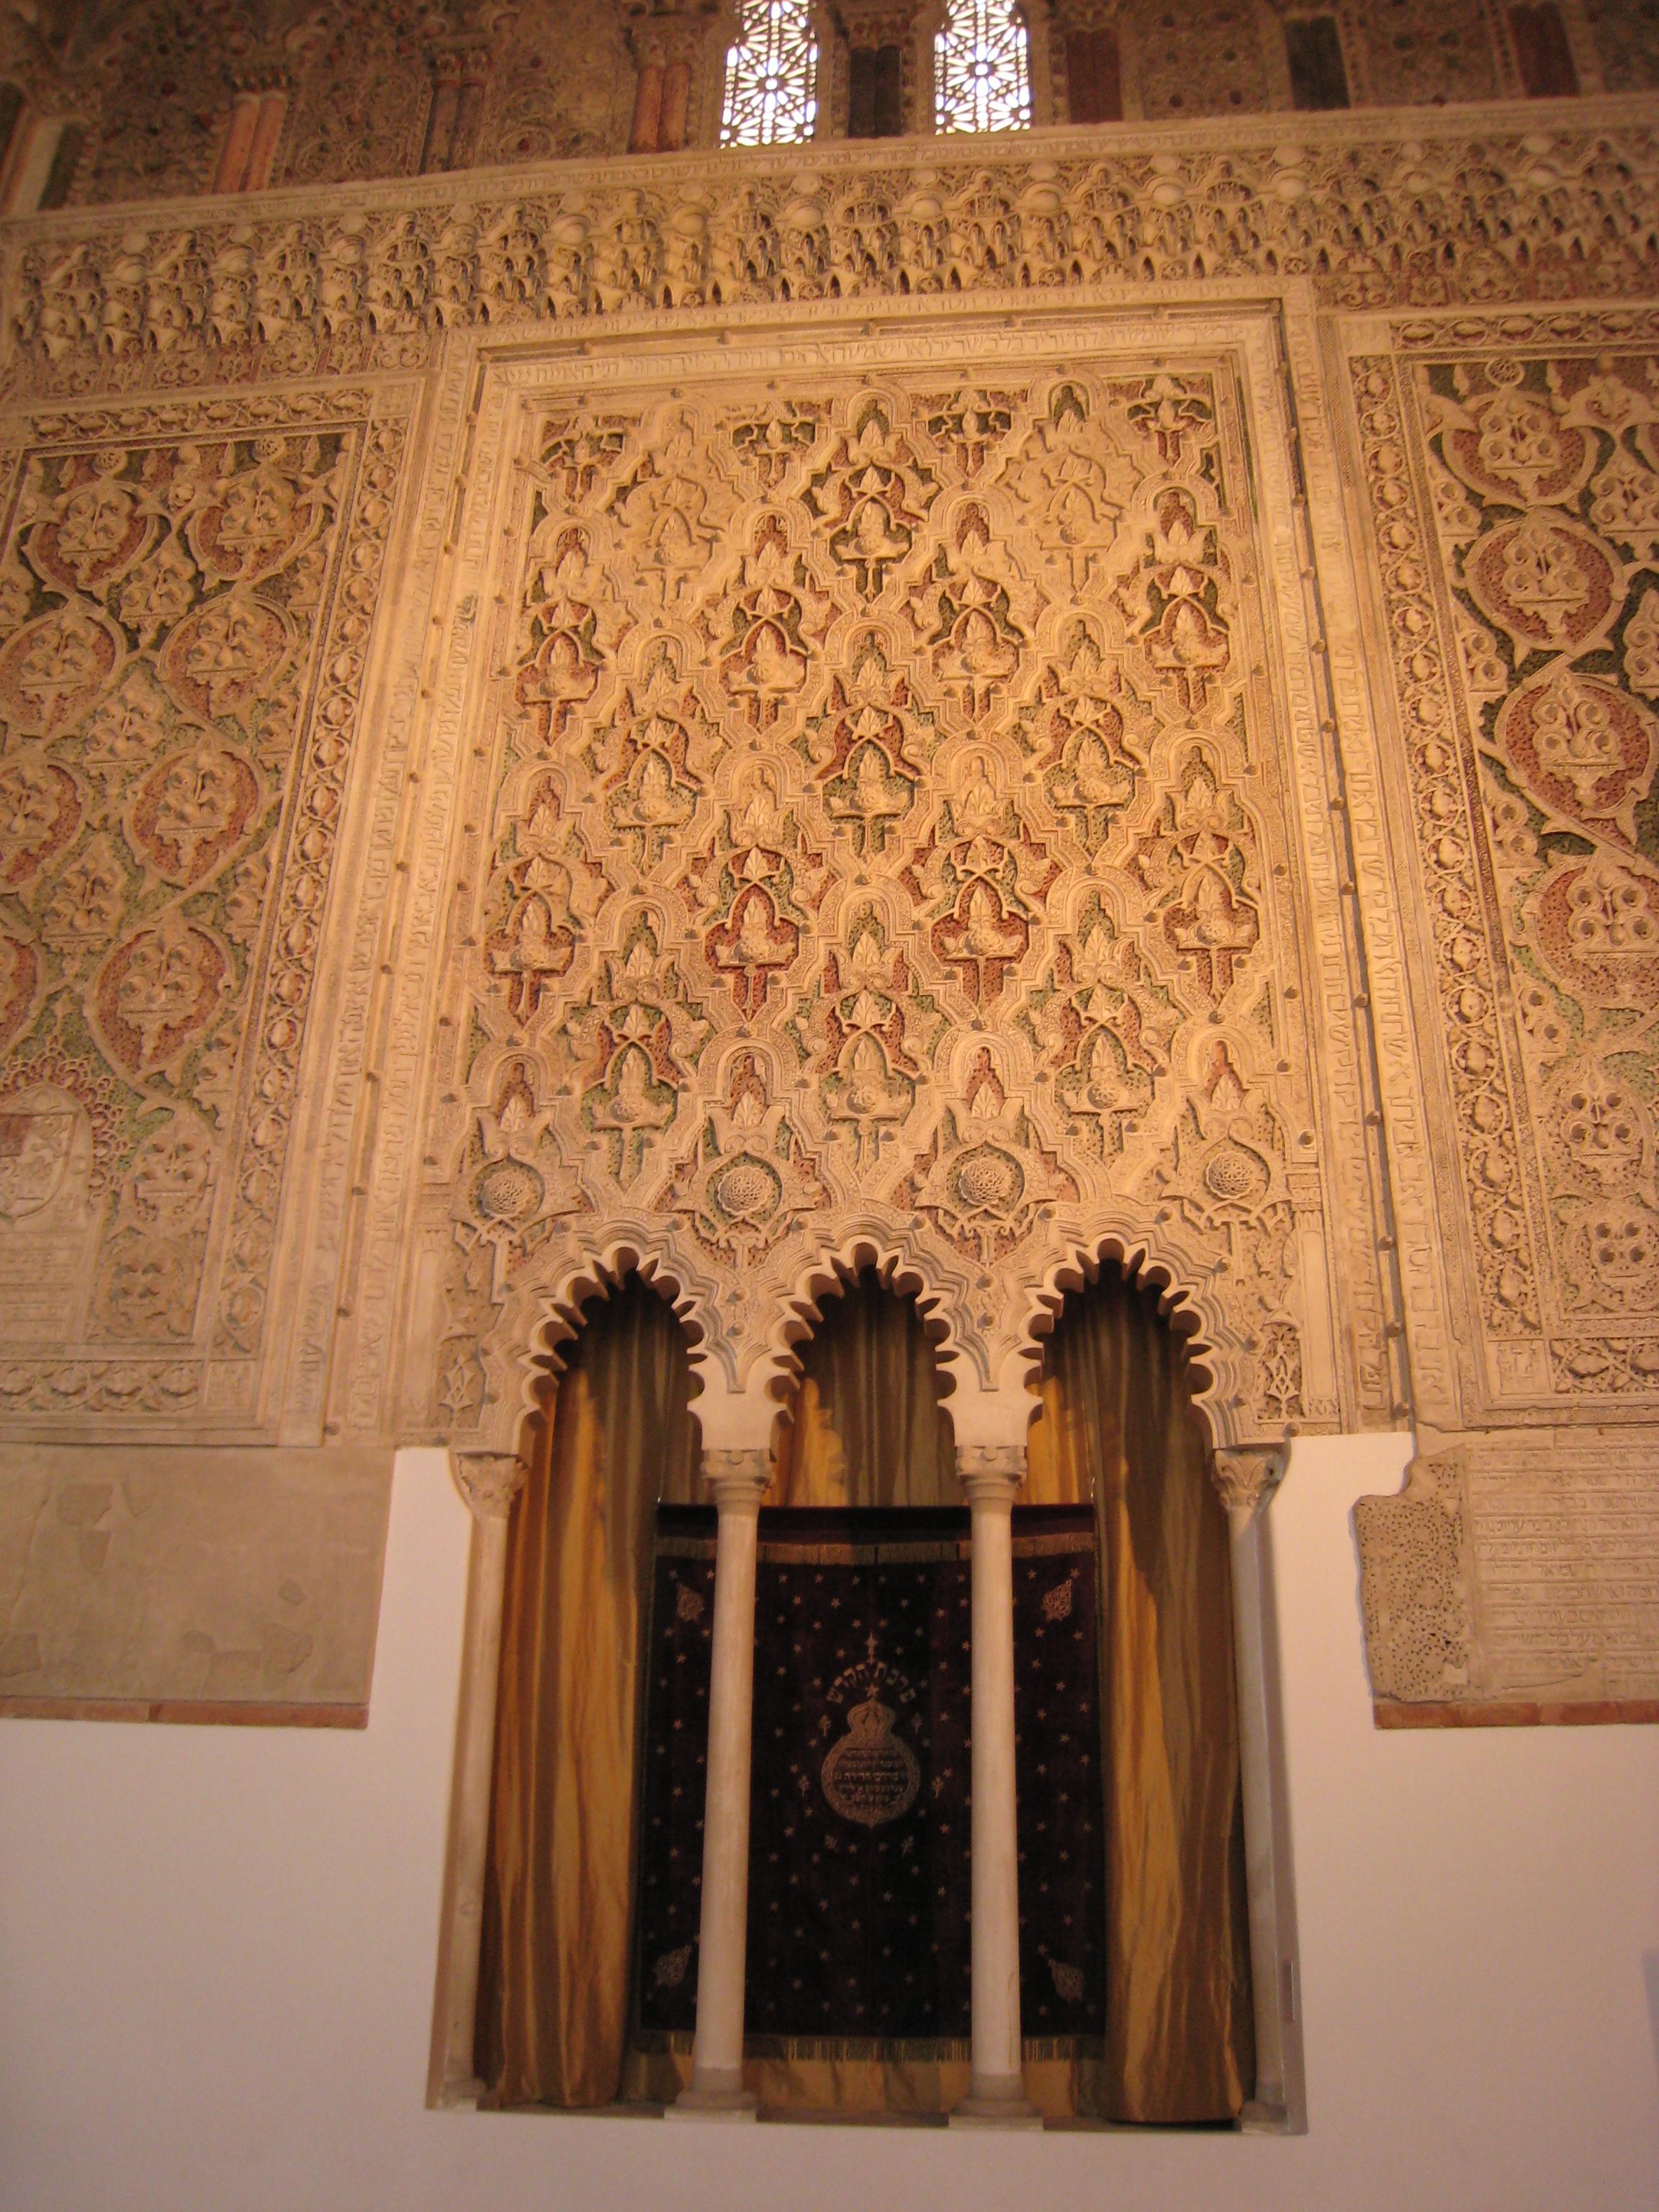 File:Sinagoga del Tránsito interior1.jpg - Wikimedia Commons